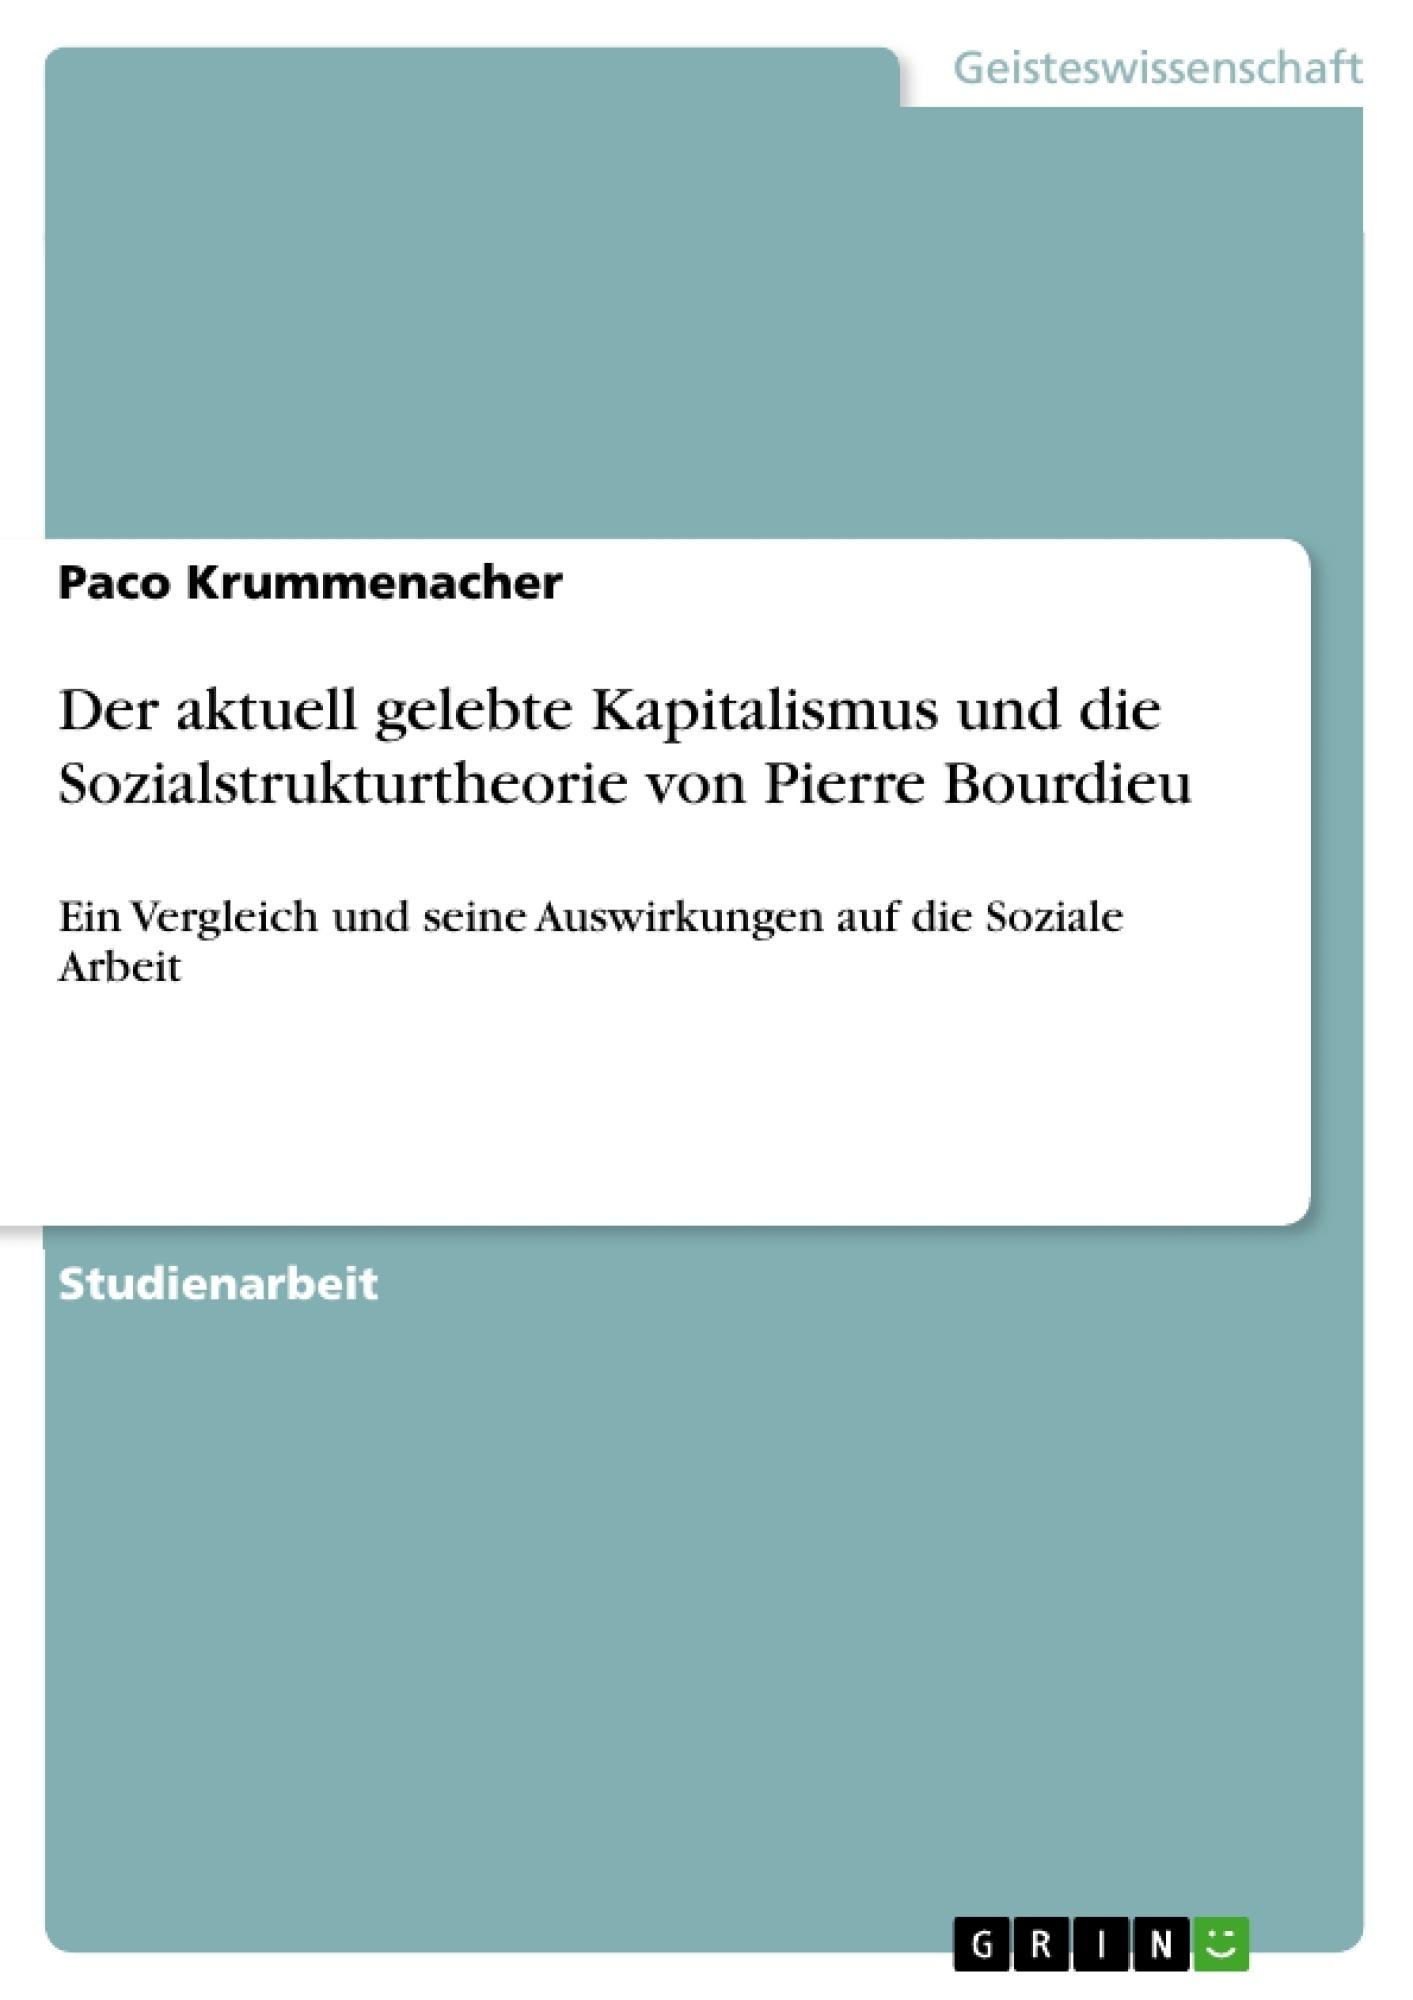 Titel: Der aktuell gelebte Kapitalismus und die Sozialstrukturtheorie von Pierre Bourdieu